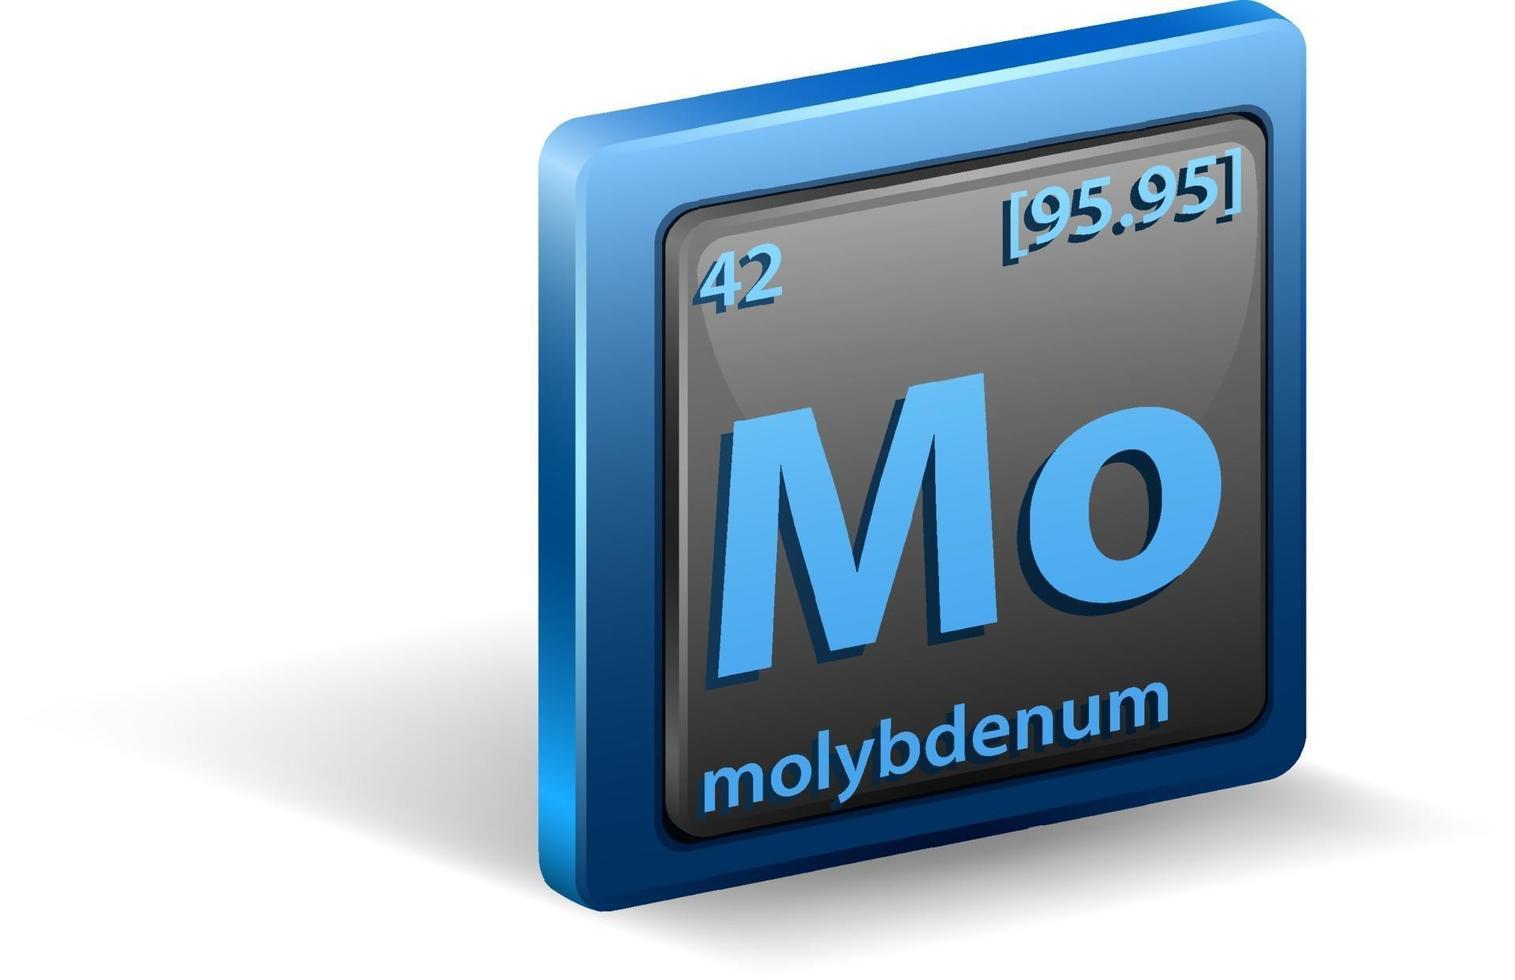 molybden kemiskt element. kemisk symbol med atomnummer och atommassa. vektor